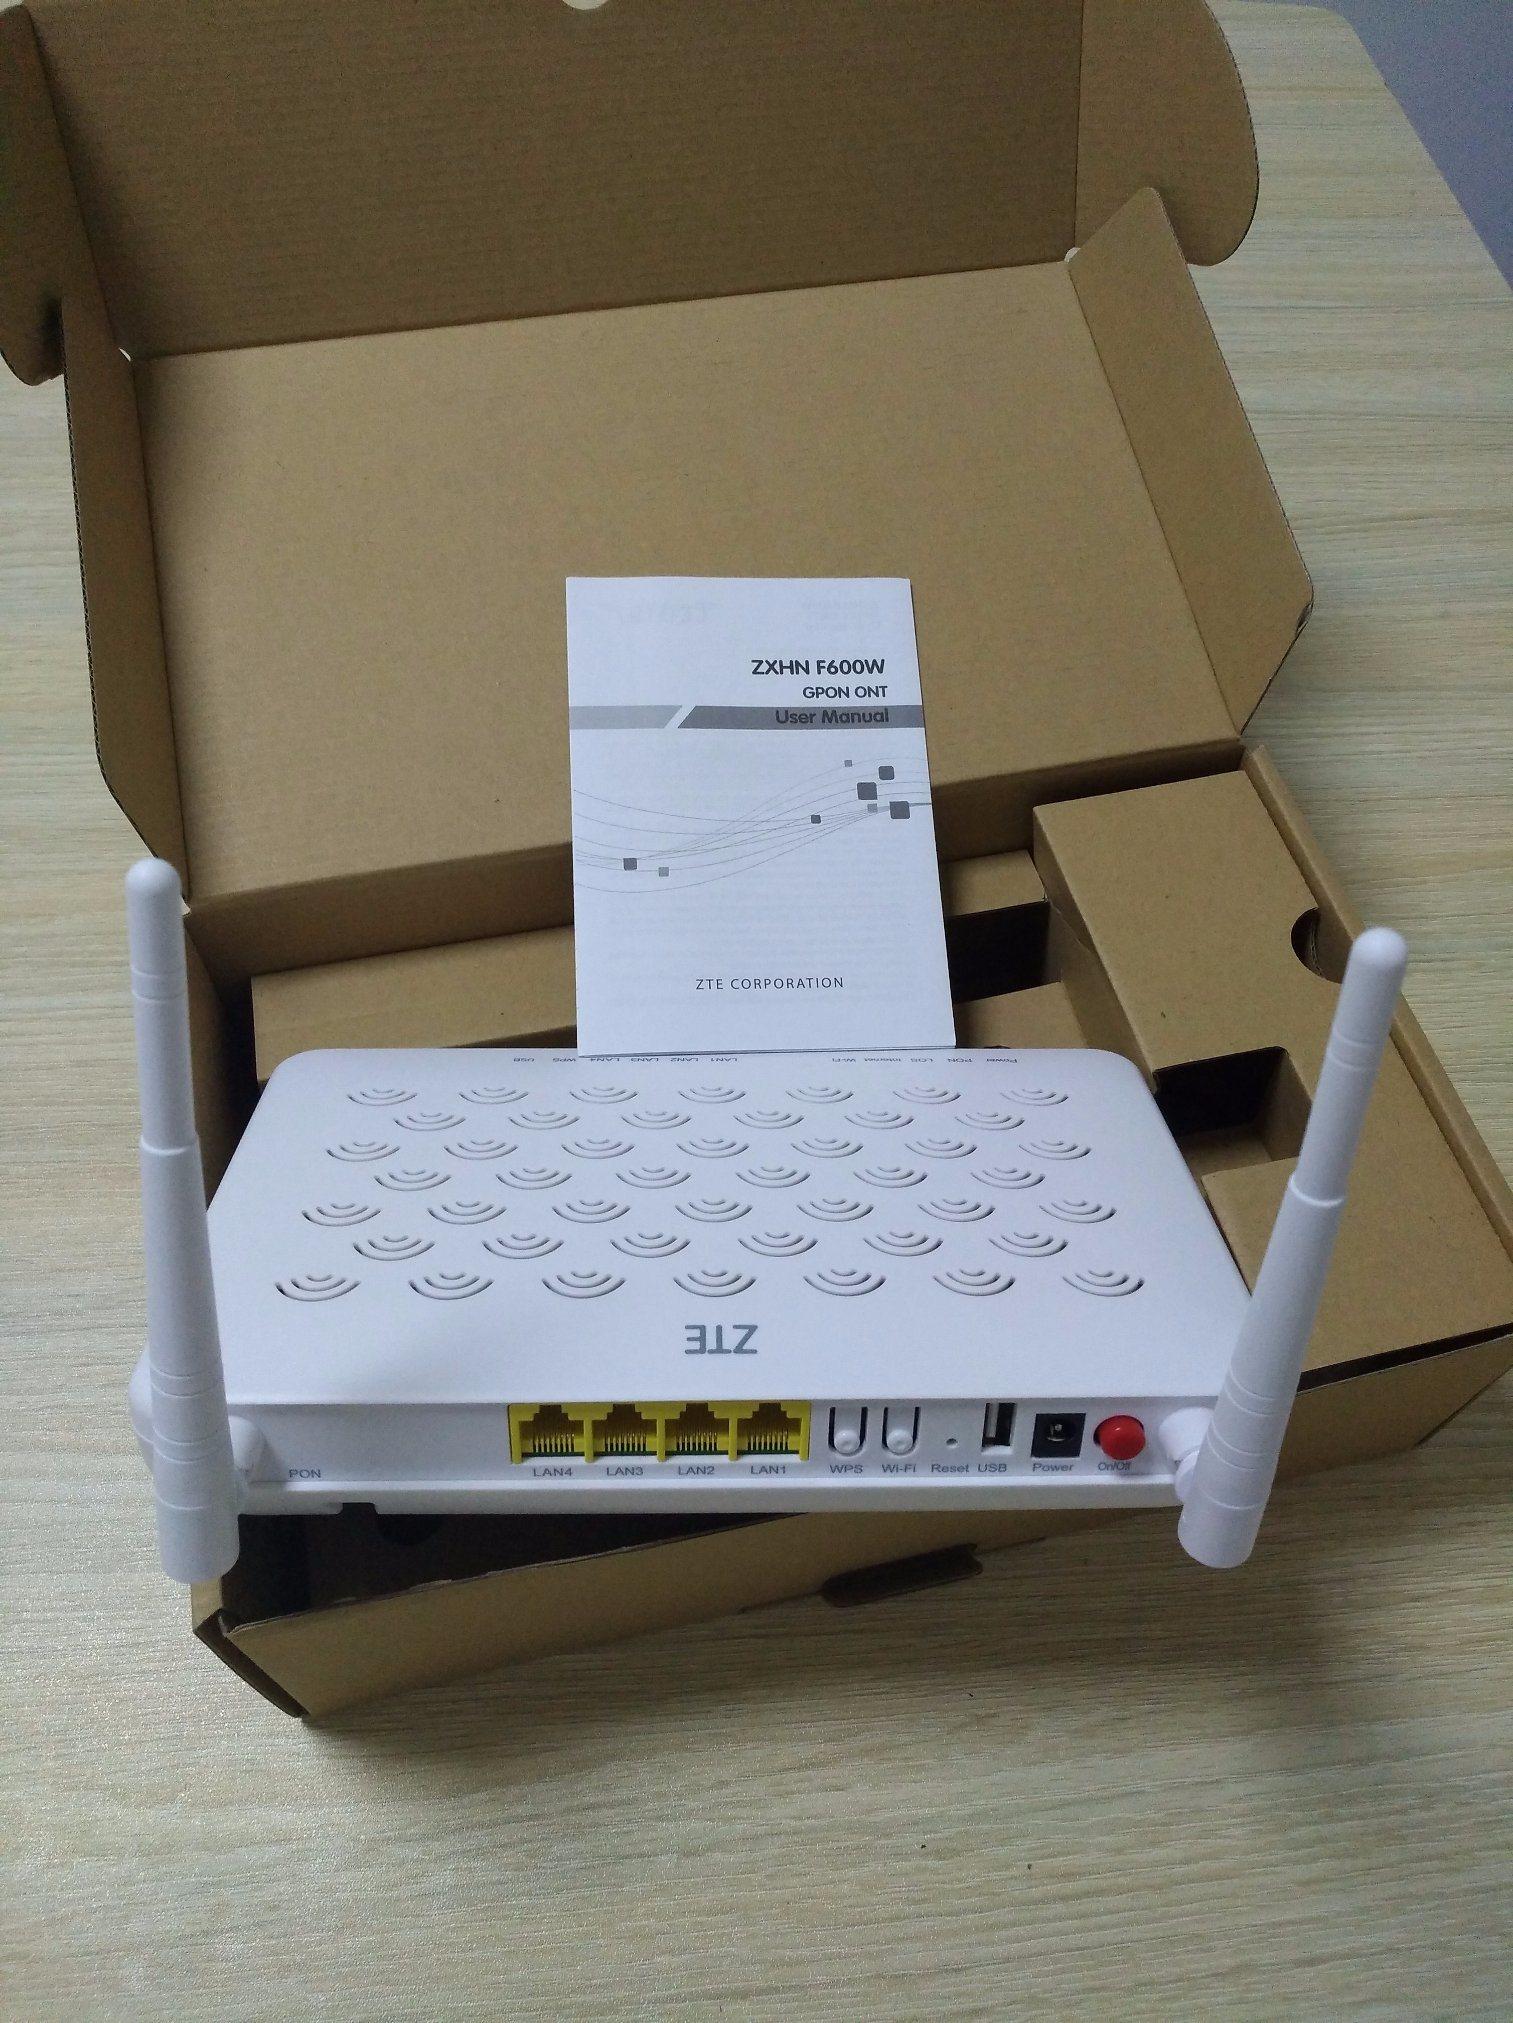 [Hot Item] ONU F600W 4ge and WiFi Gpon ONU with External Entenna FTTH Gpon  Ont Modem for Zte Zxhn F600W Zte F660